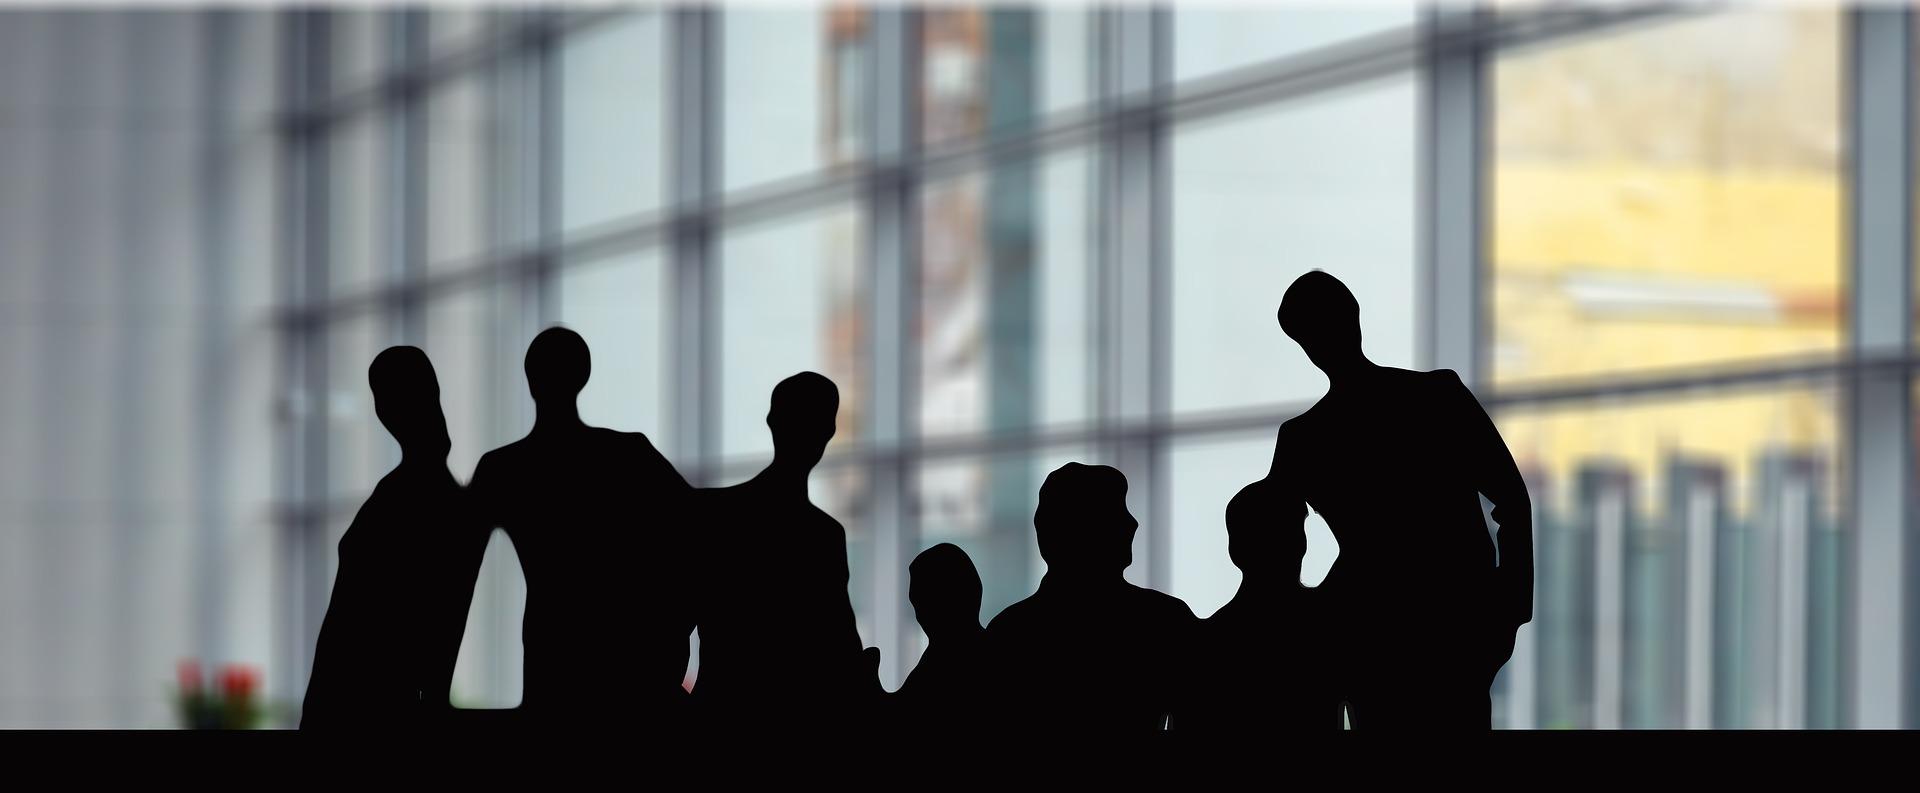 Szkolenia biura zarządu –  czym są i dla kogo?